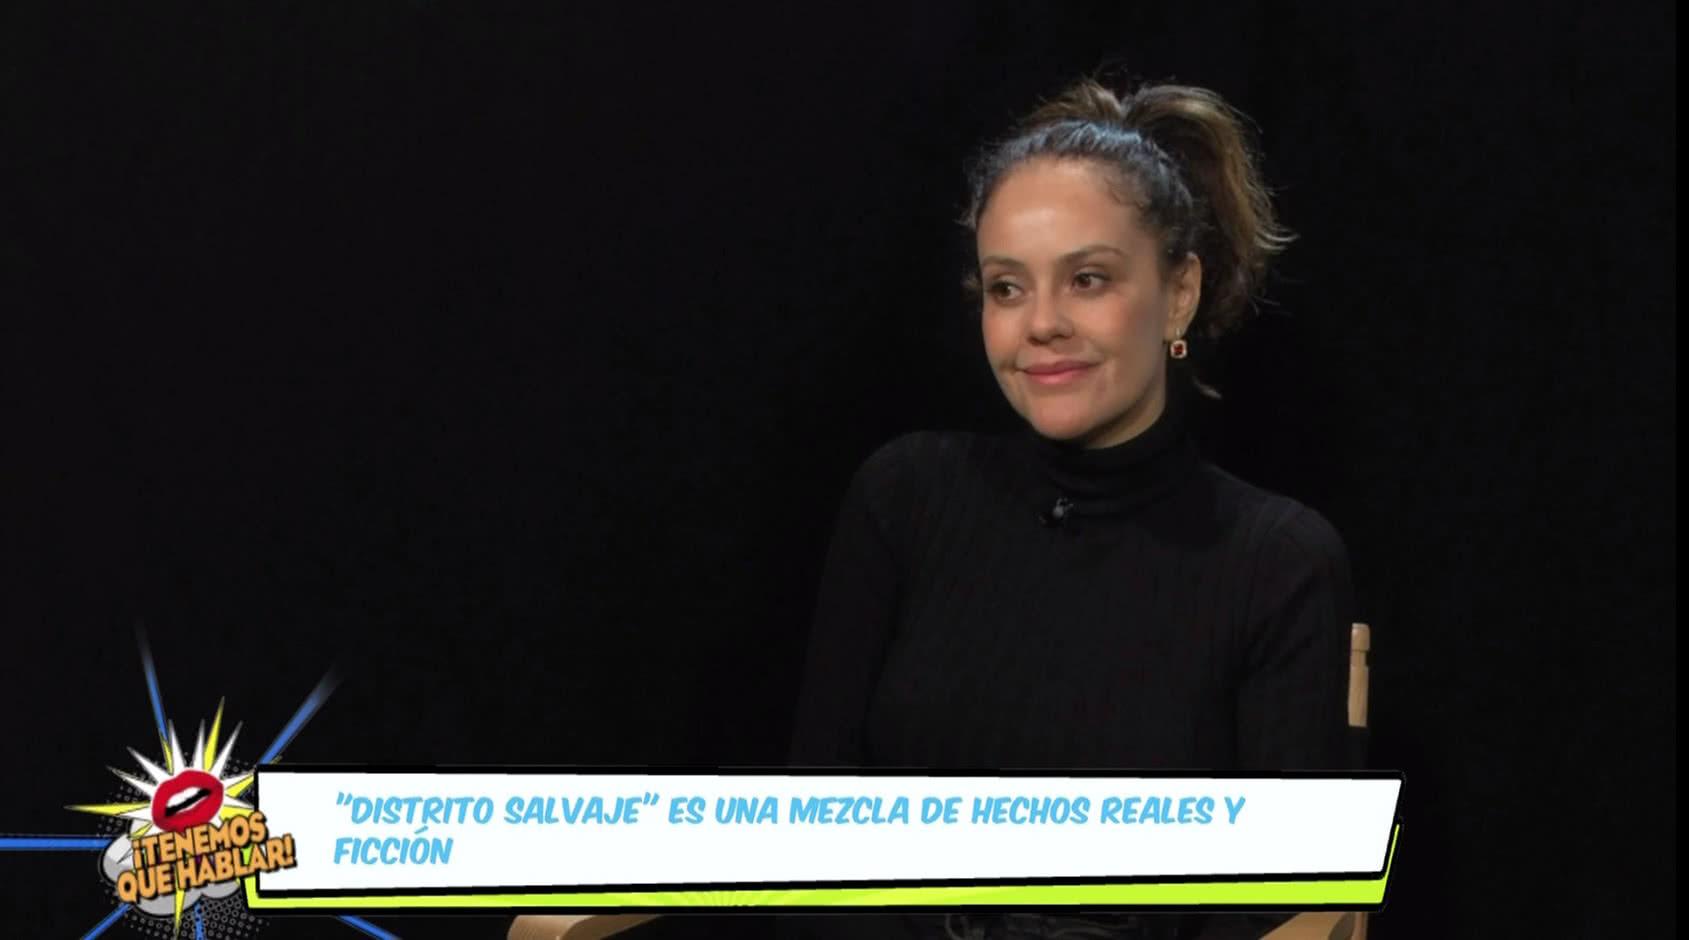 Cristina Umaña y su experiencia en Distrito Salvaje y Jack Ryan